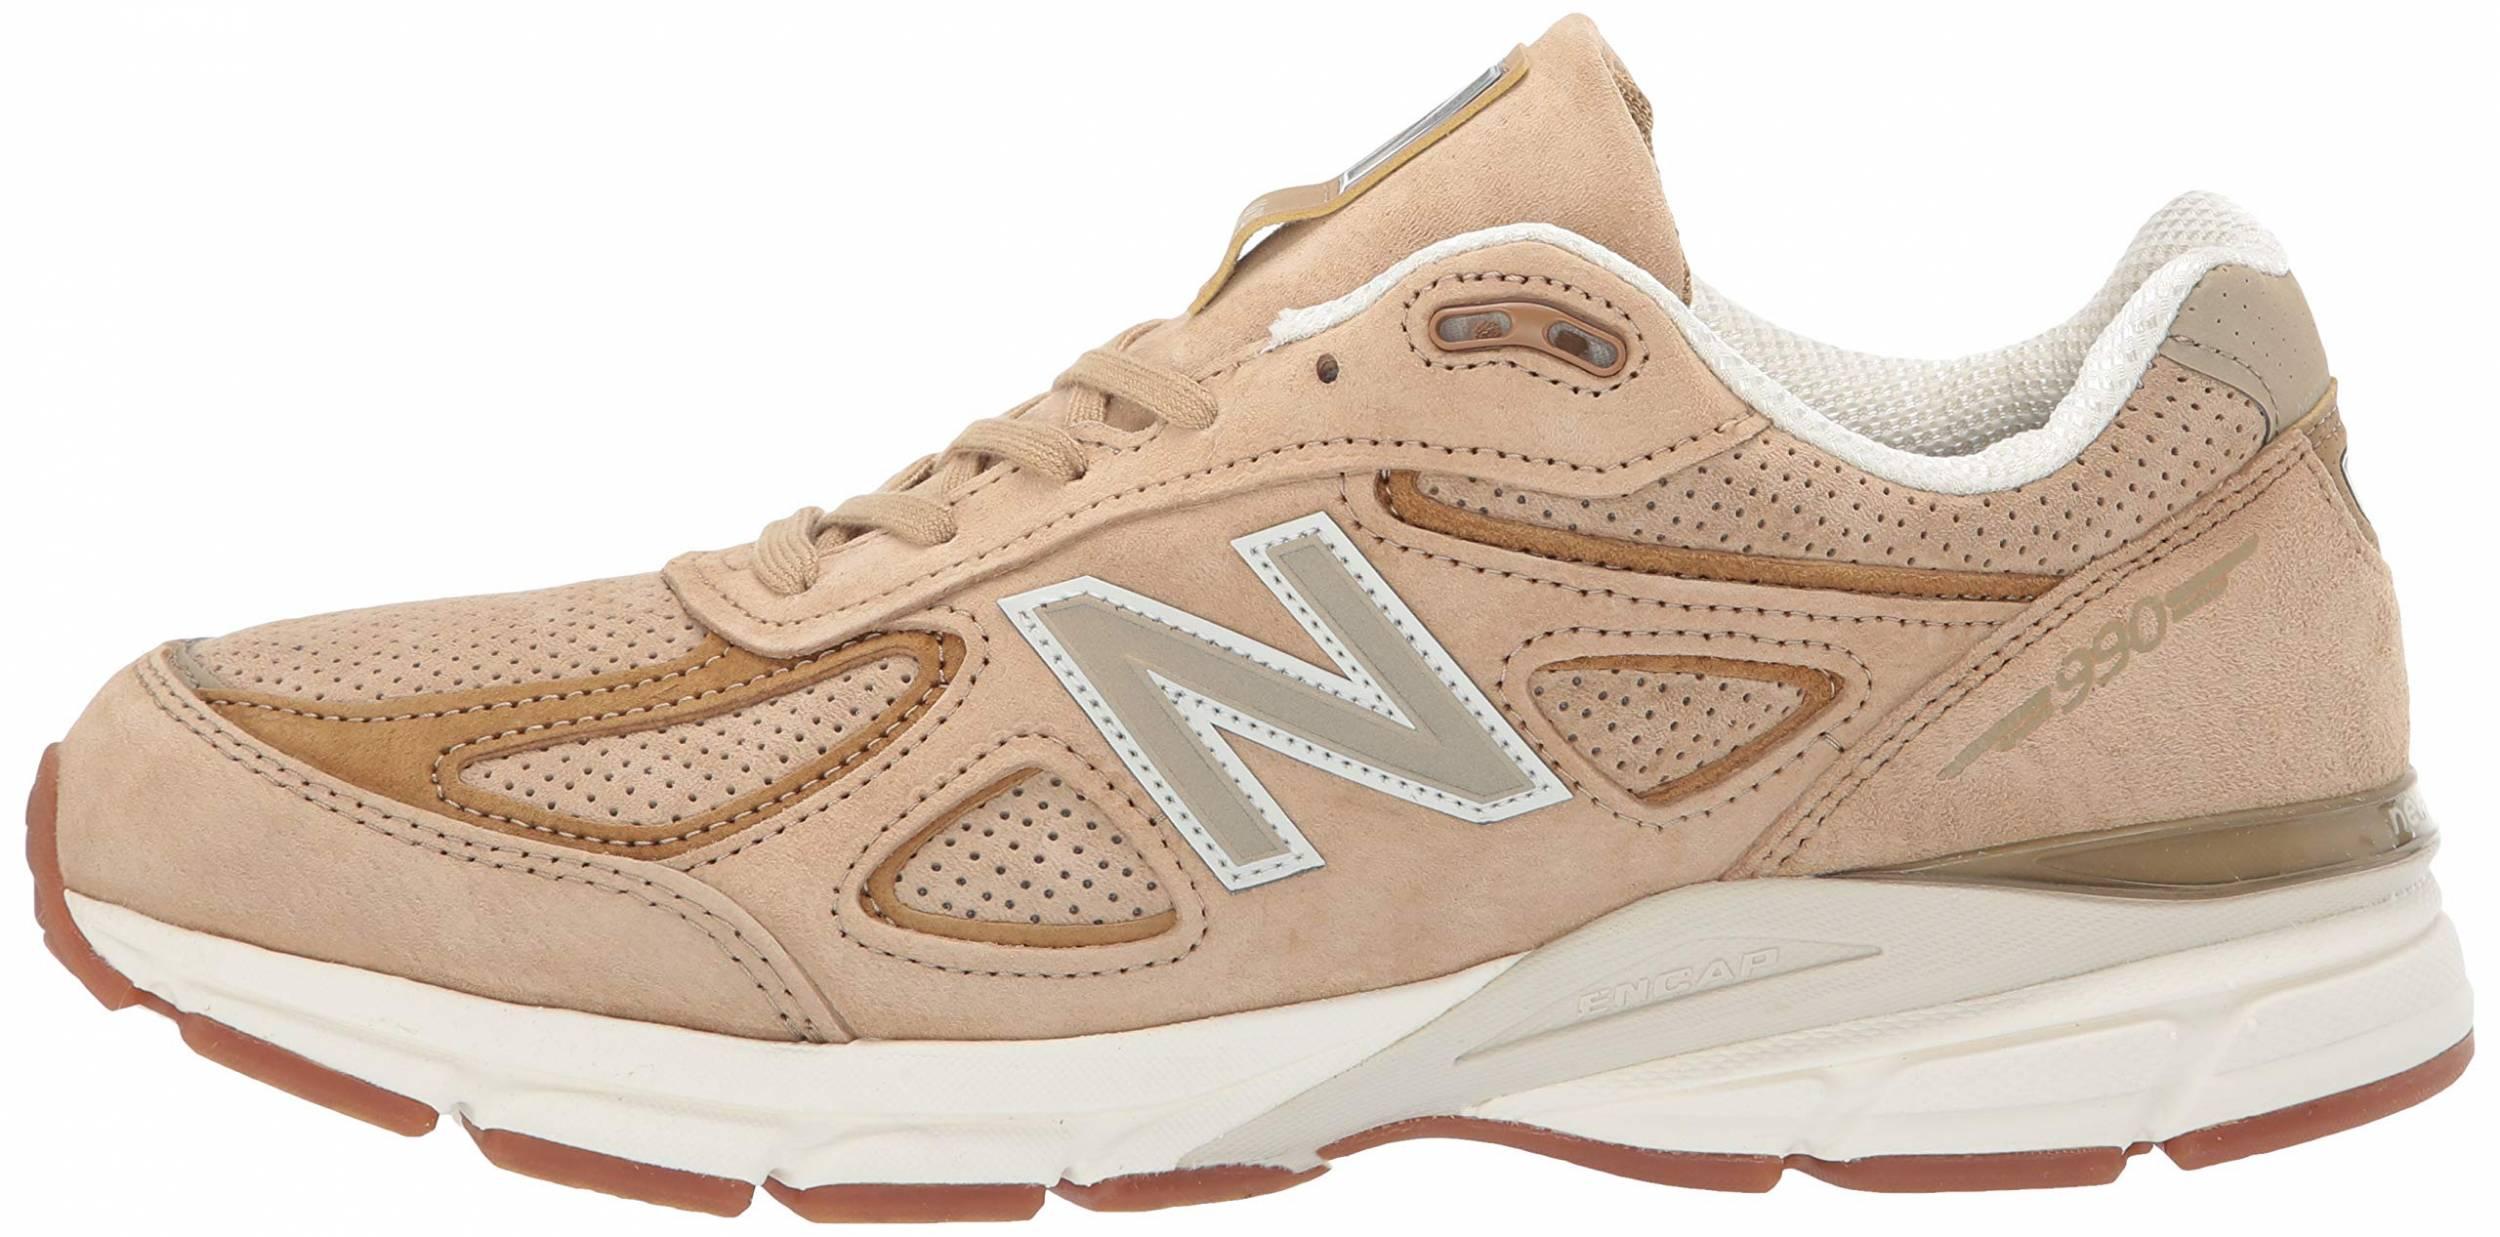 Save 46% on Beige Sneakers (252 Models